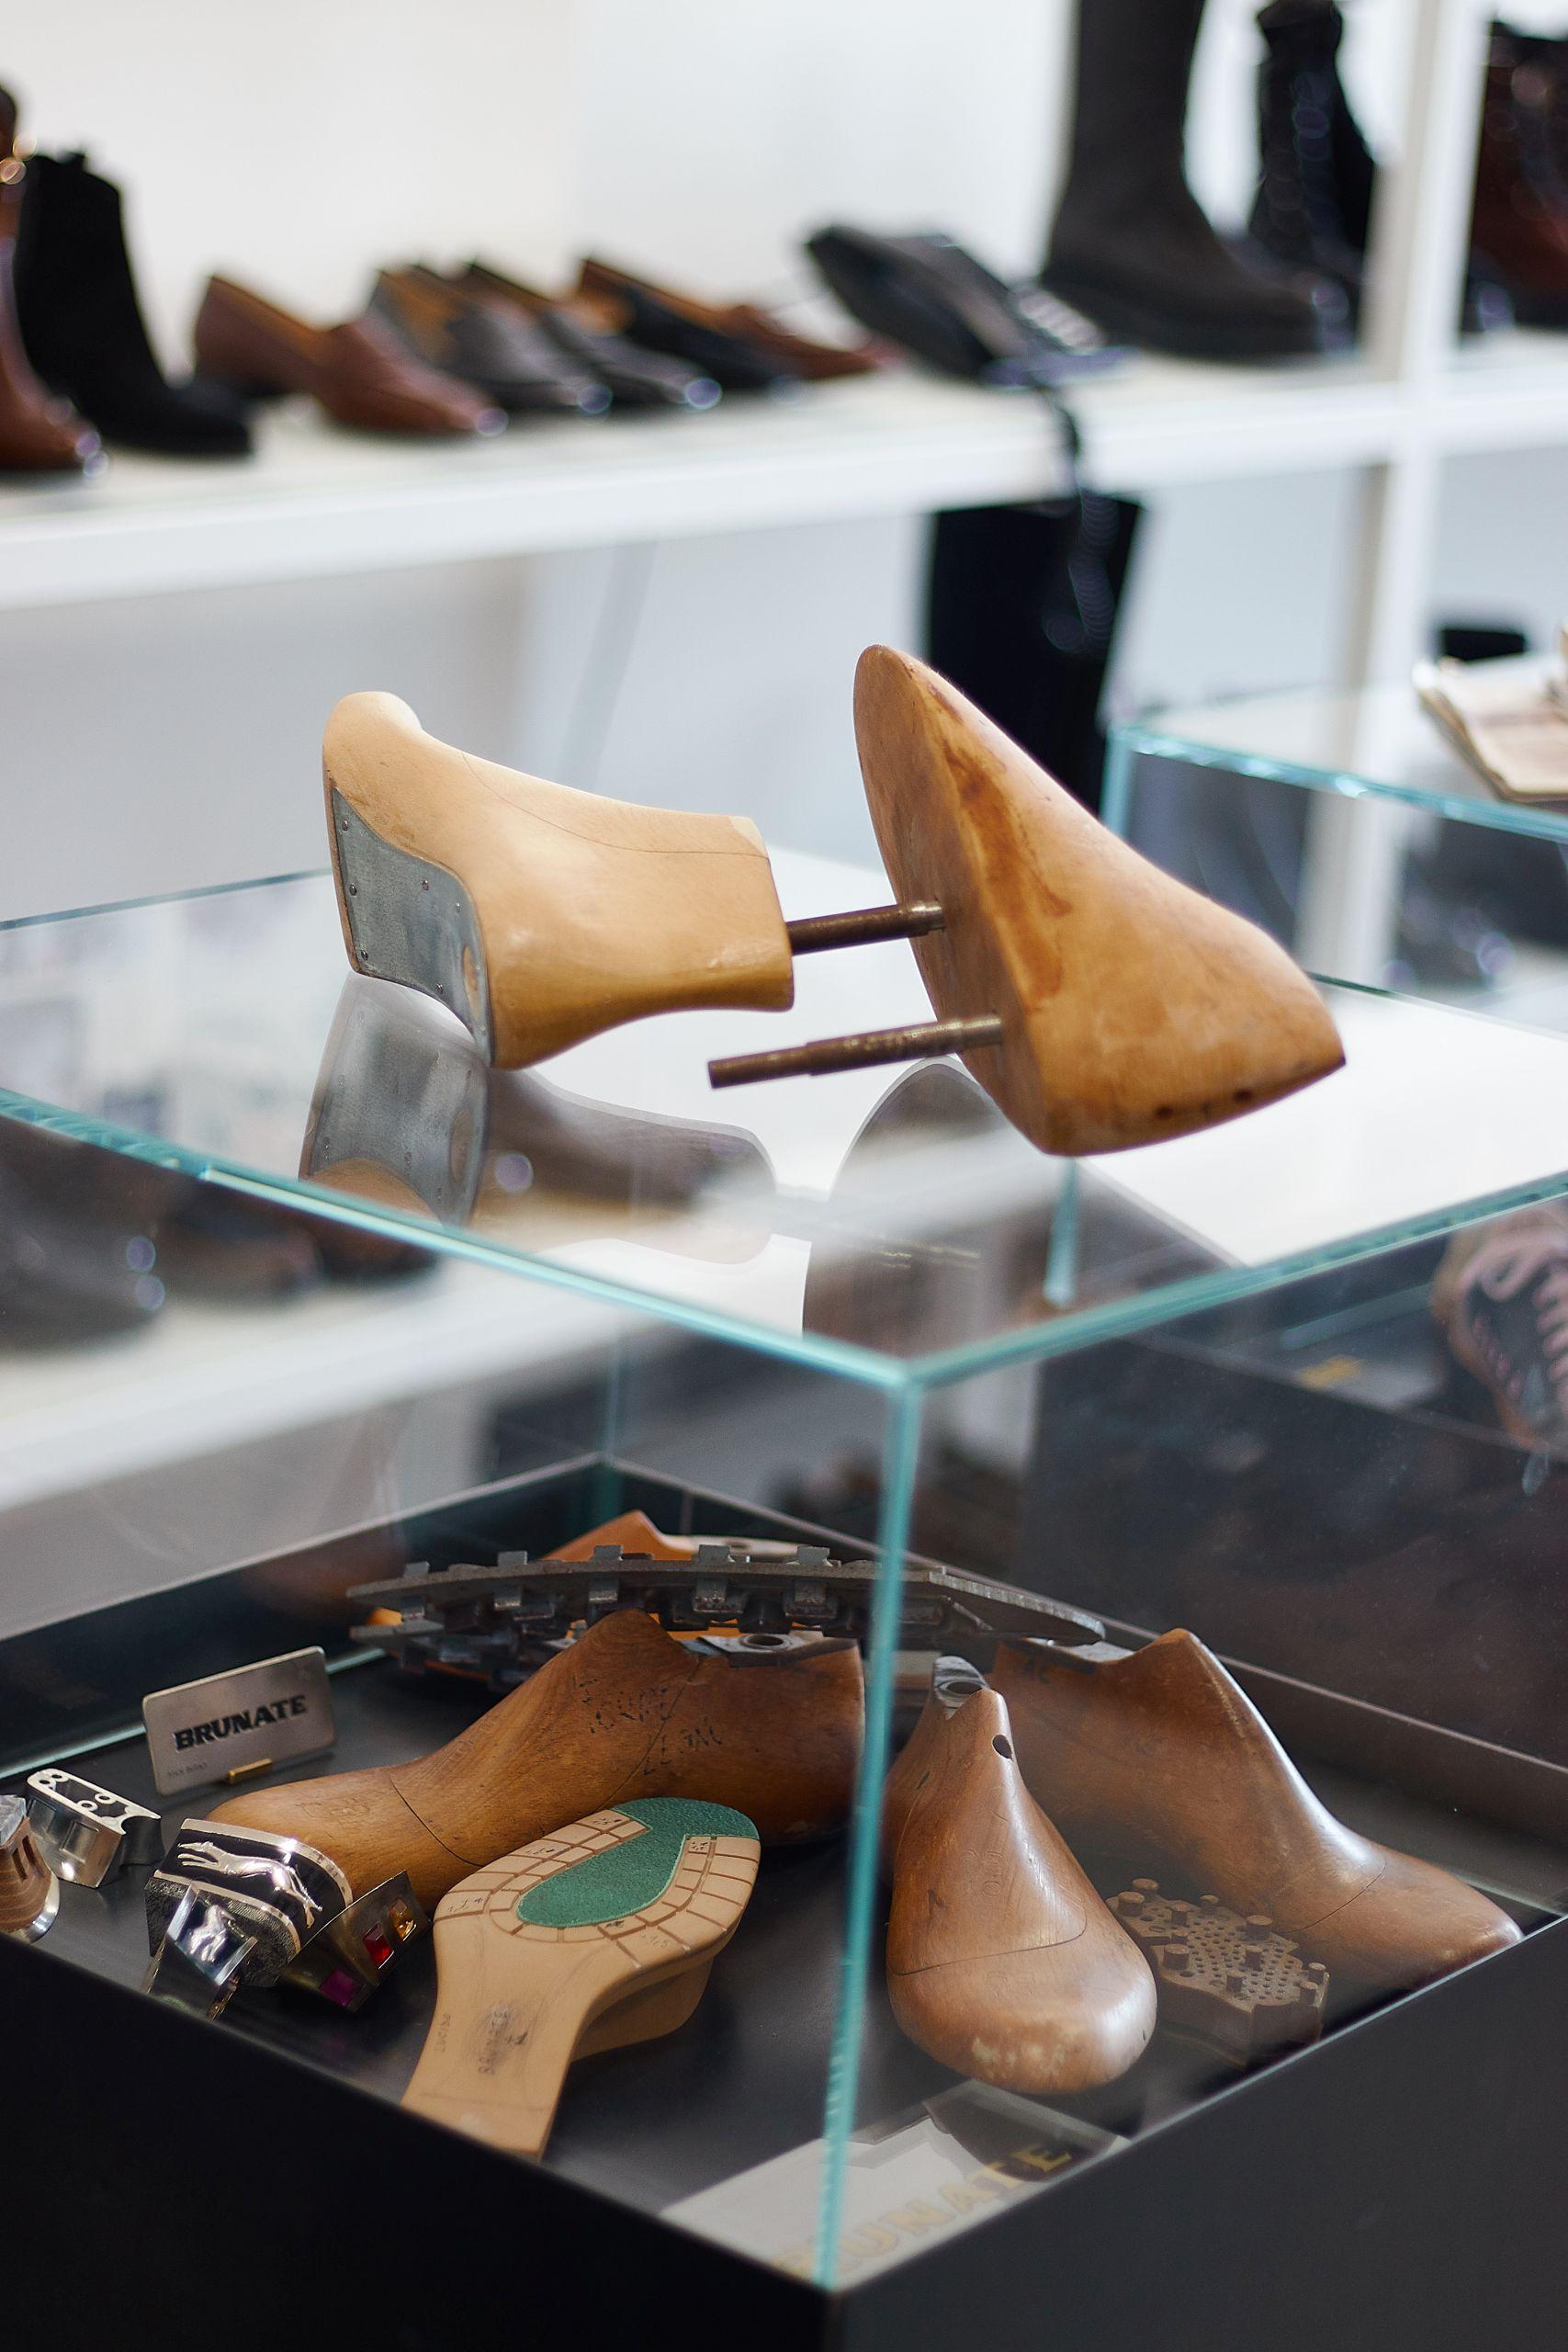 Leiste für Brunate Schuhe